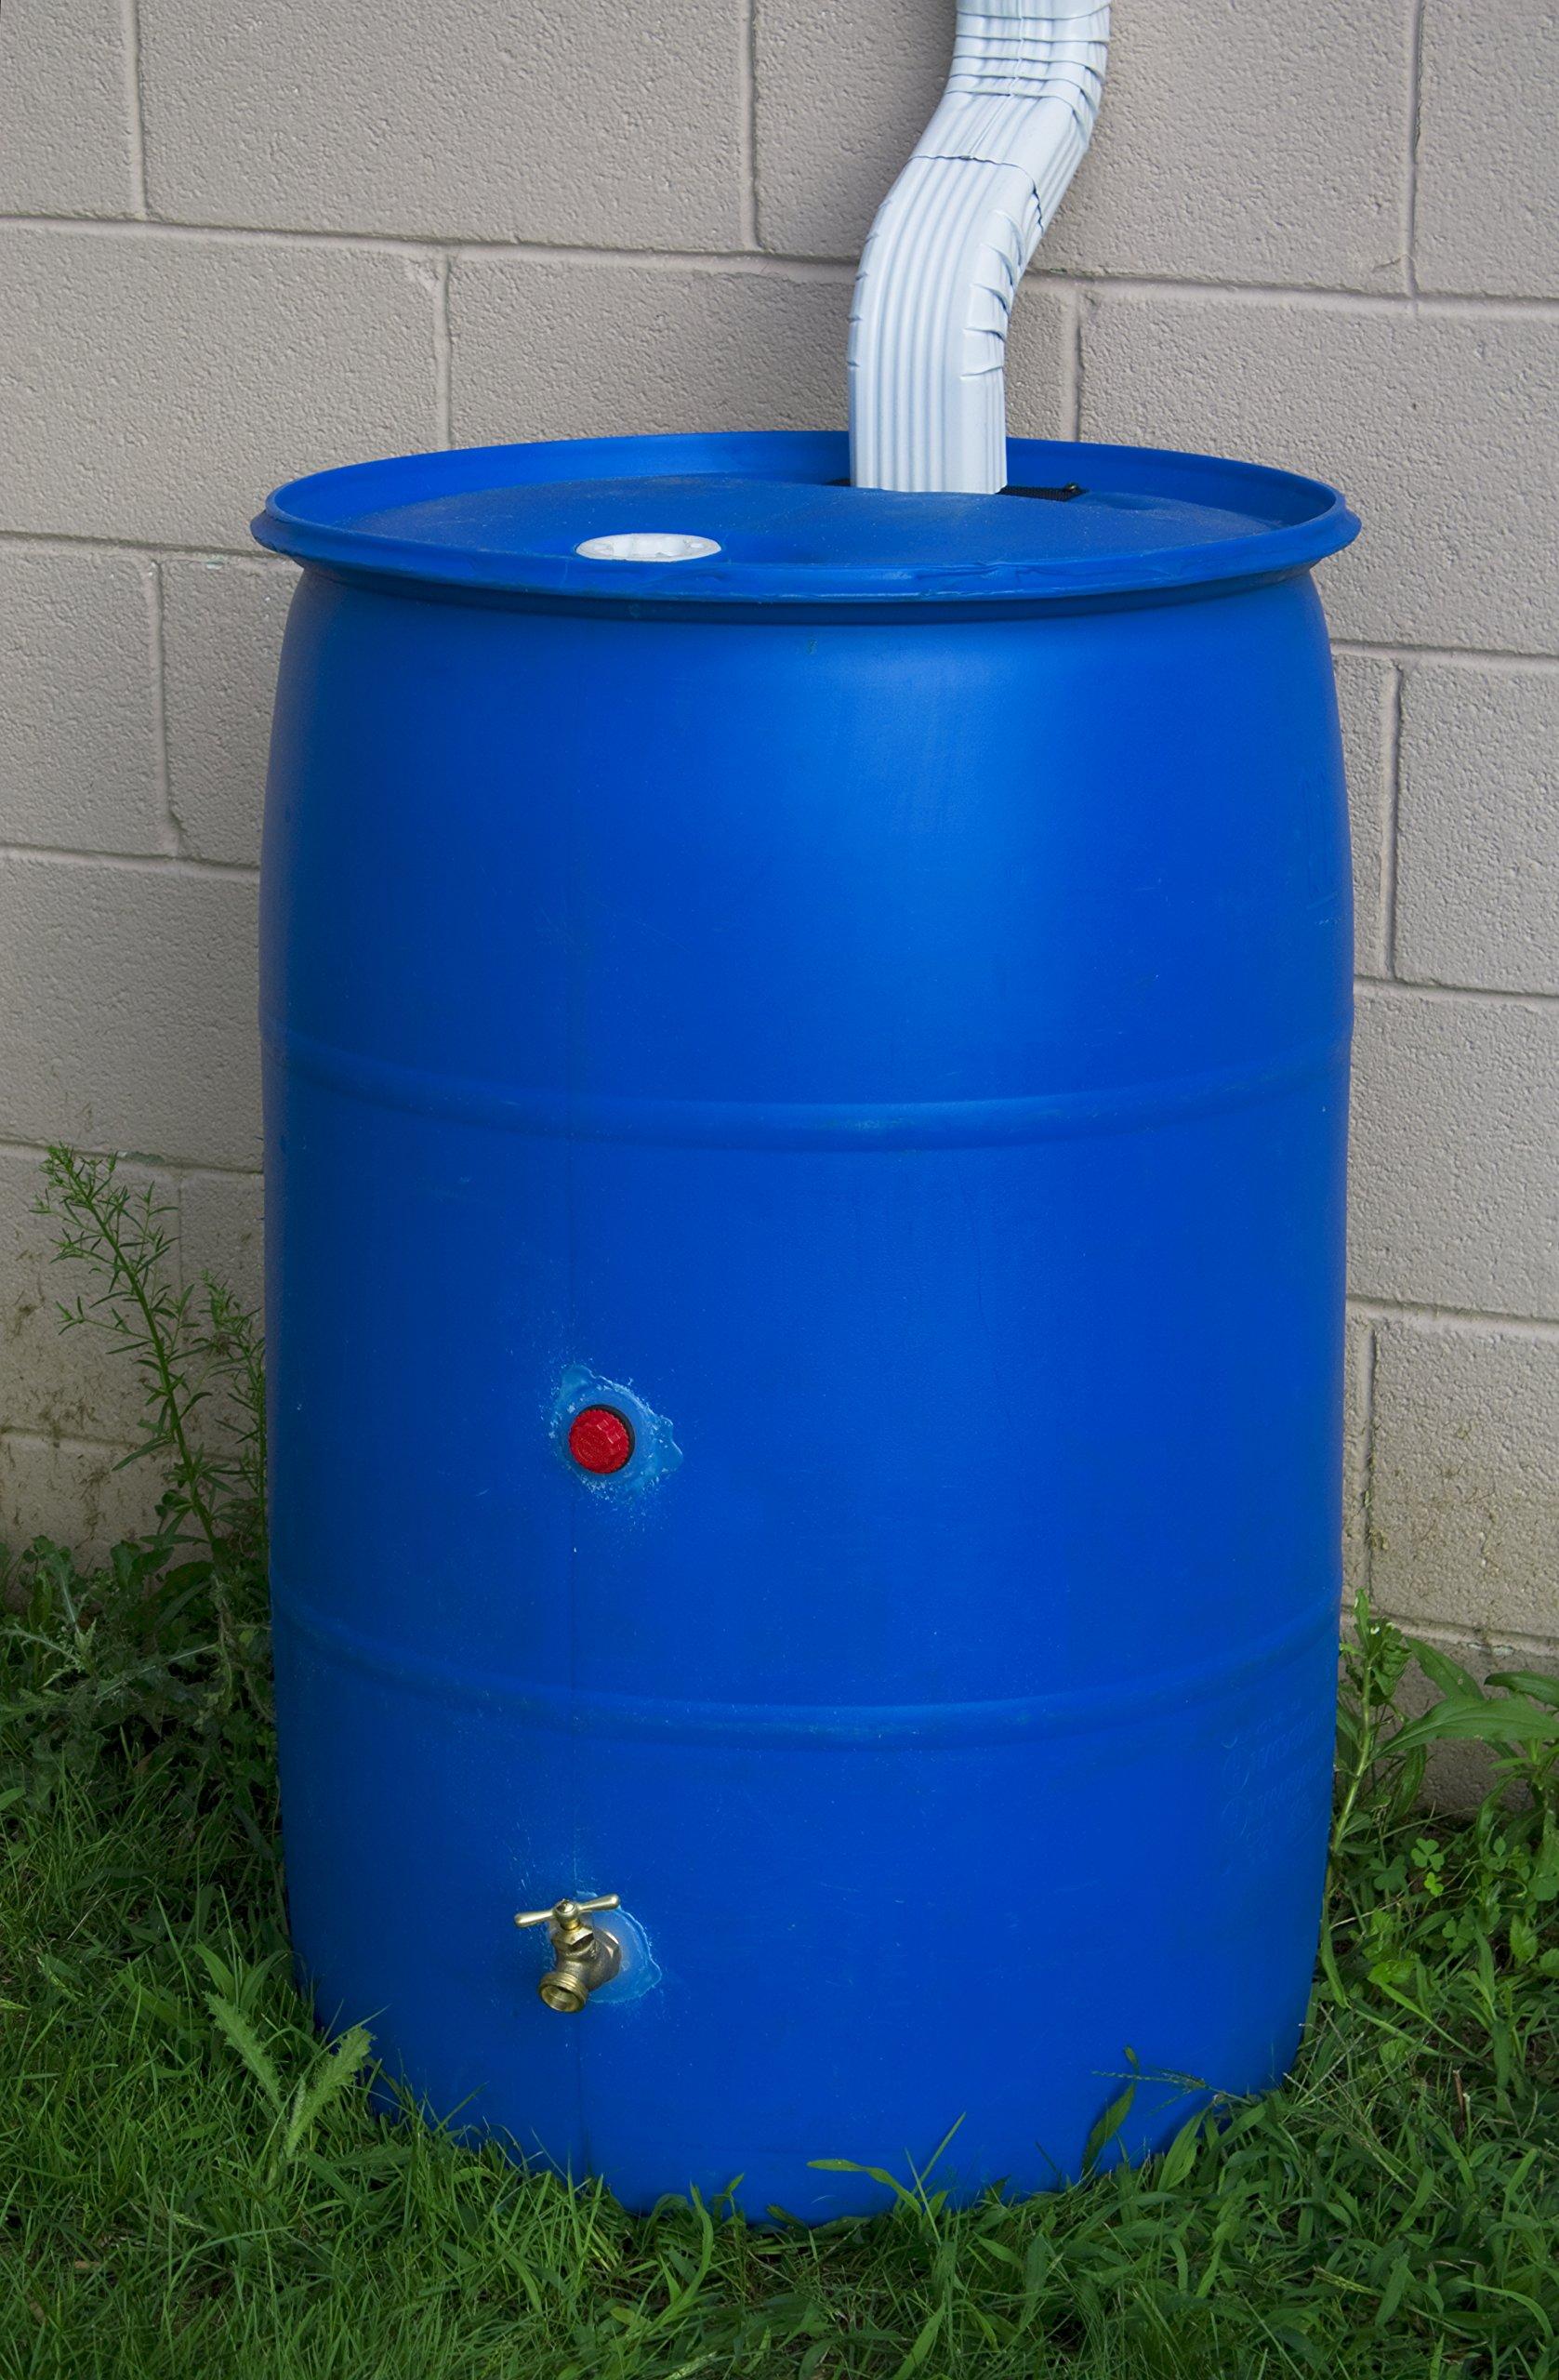 Good Ideas RB55-BLUE Big Blue Recycled Rain Barrel, 55-Gallon by Good Ideas